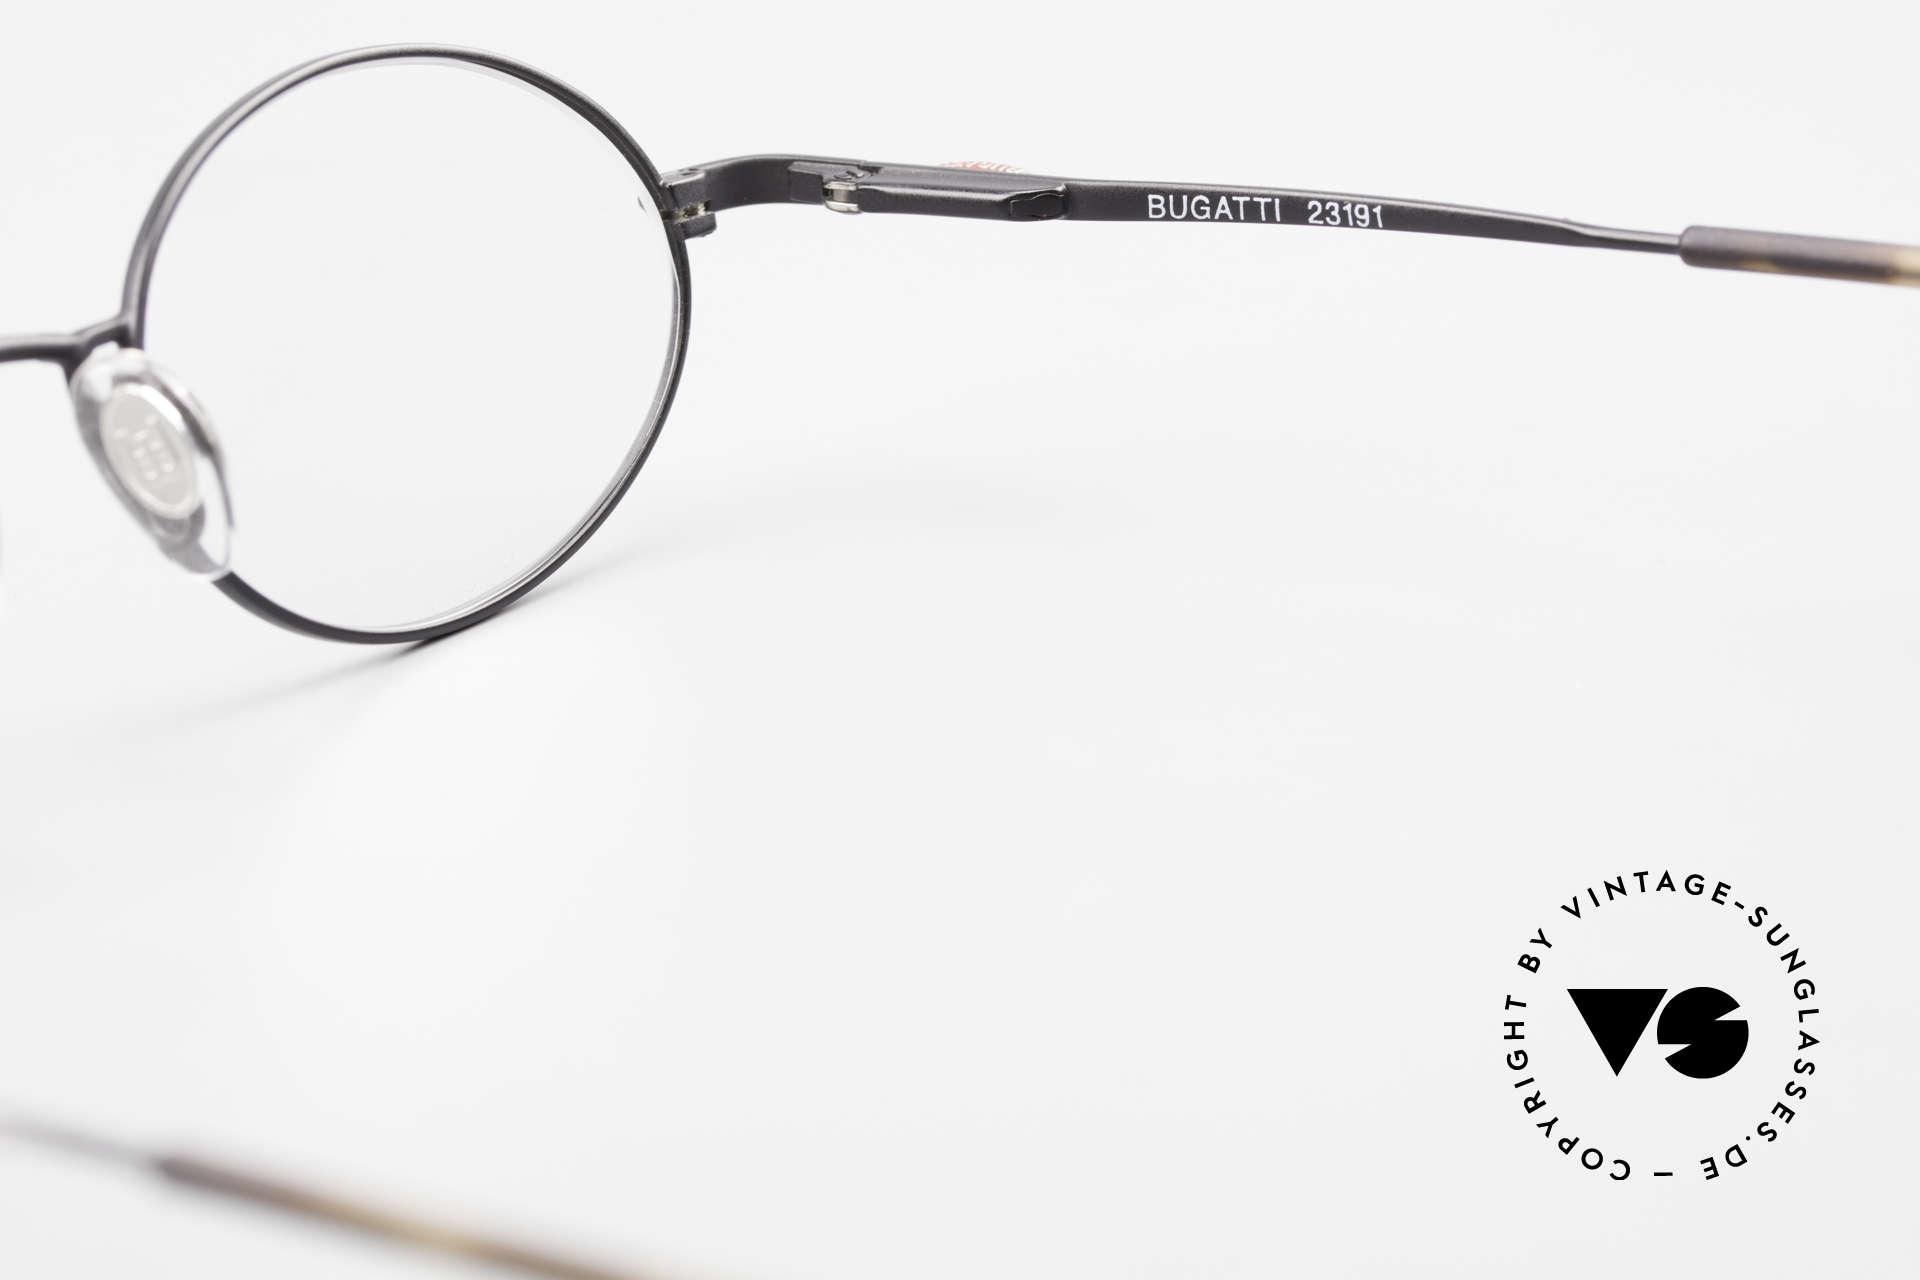 Bugatti 23191 Ovale Luxus Brillenfassung, DEMO-Gläser sind beliebig austauschbar; 47-25, Passend für Herren